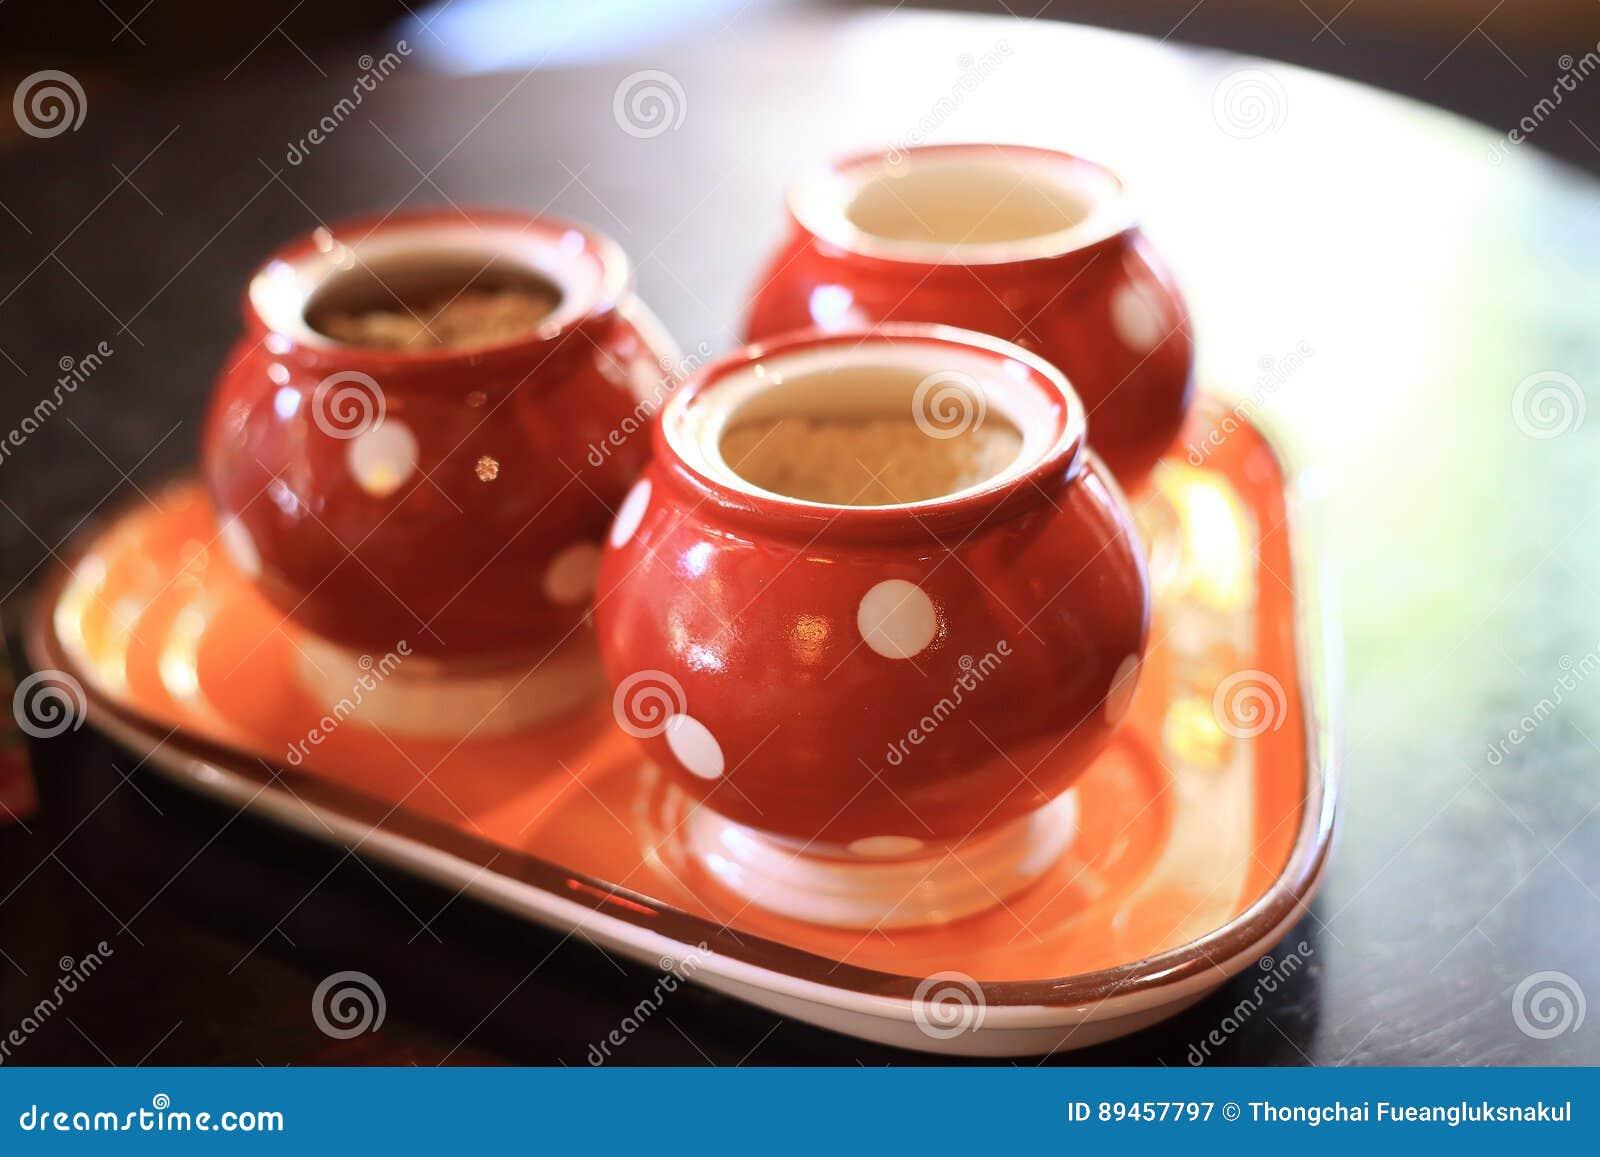 Die Gläser keramisch, rote Farbe, als Gegenstandhintergrund